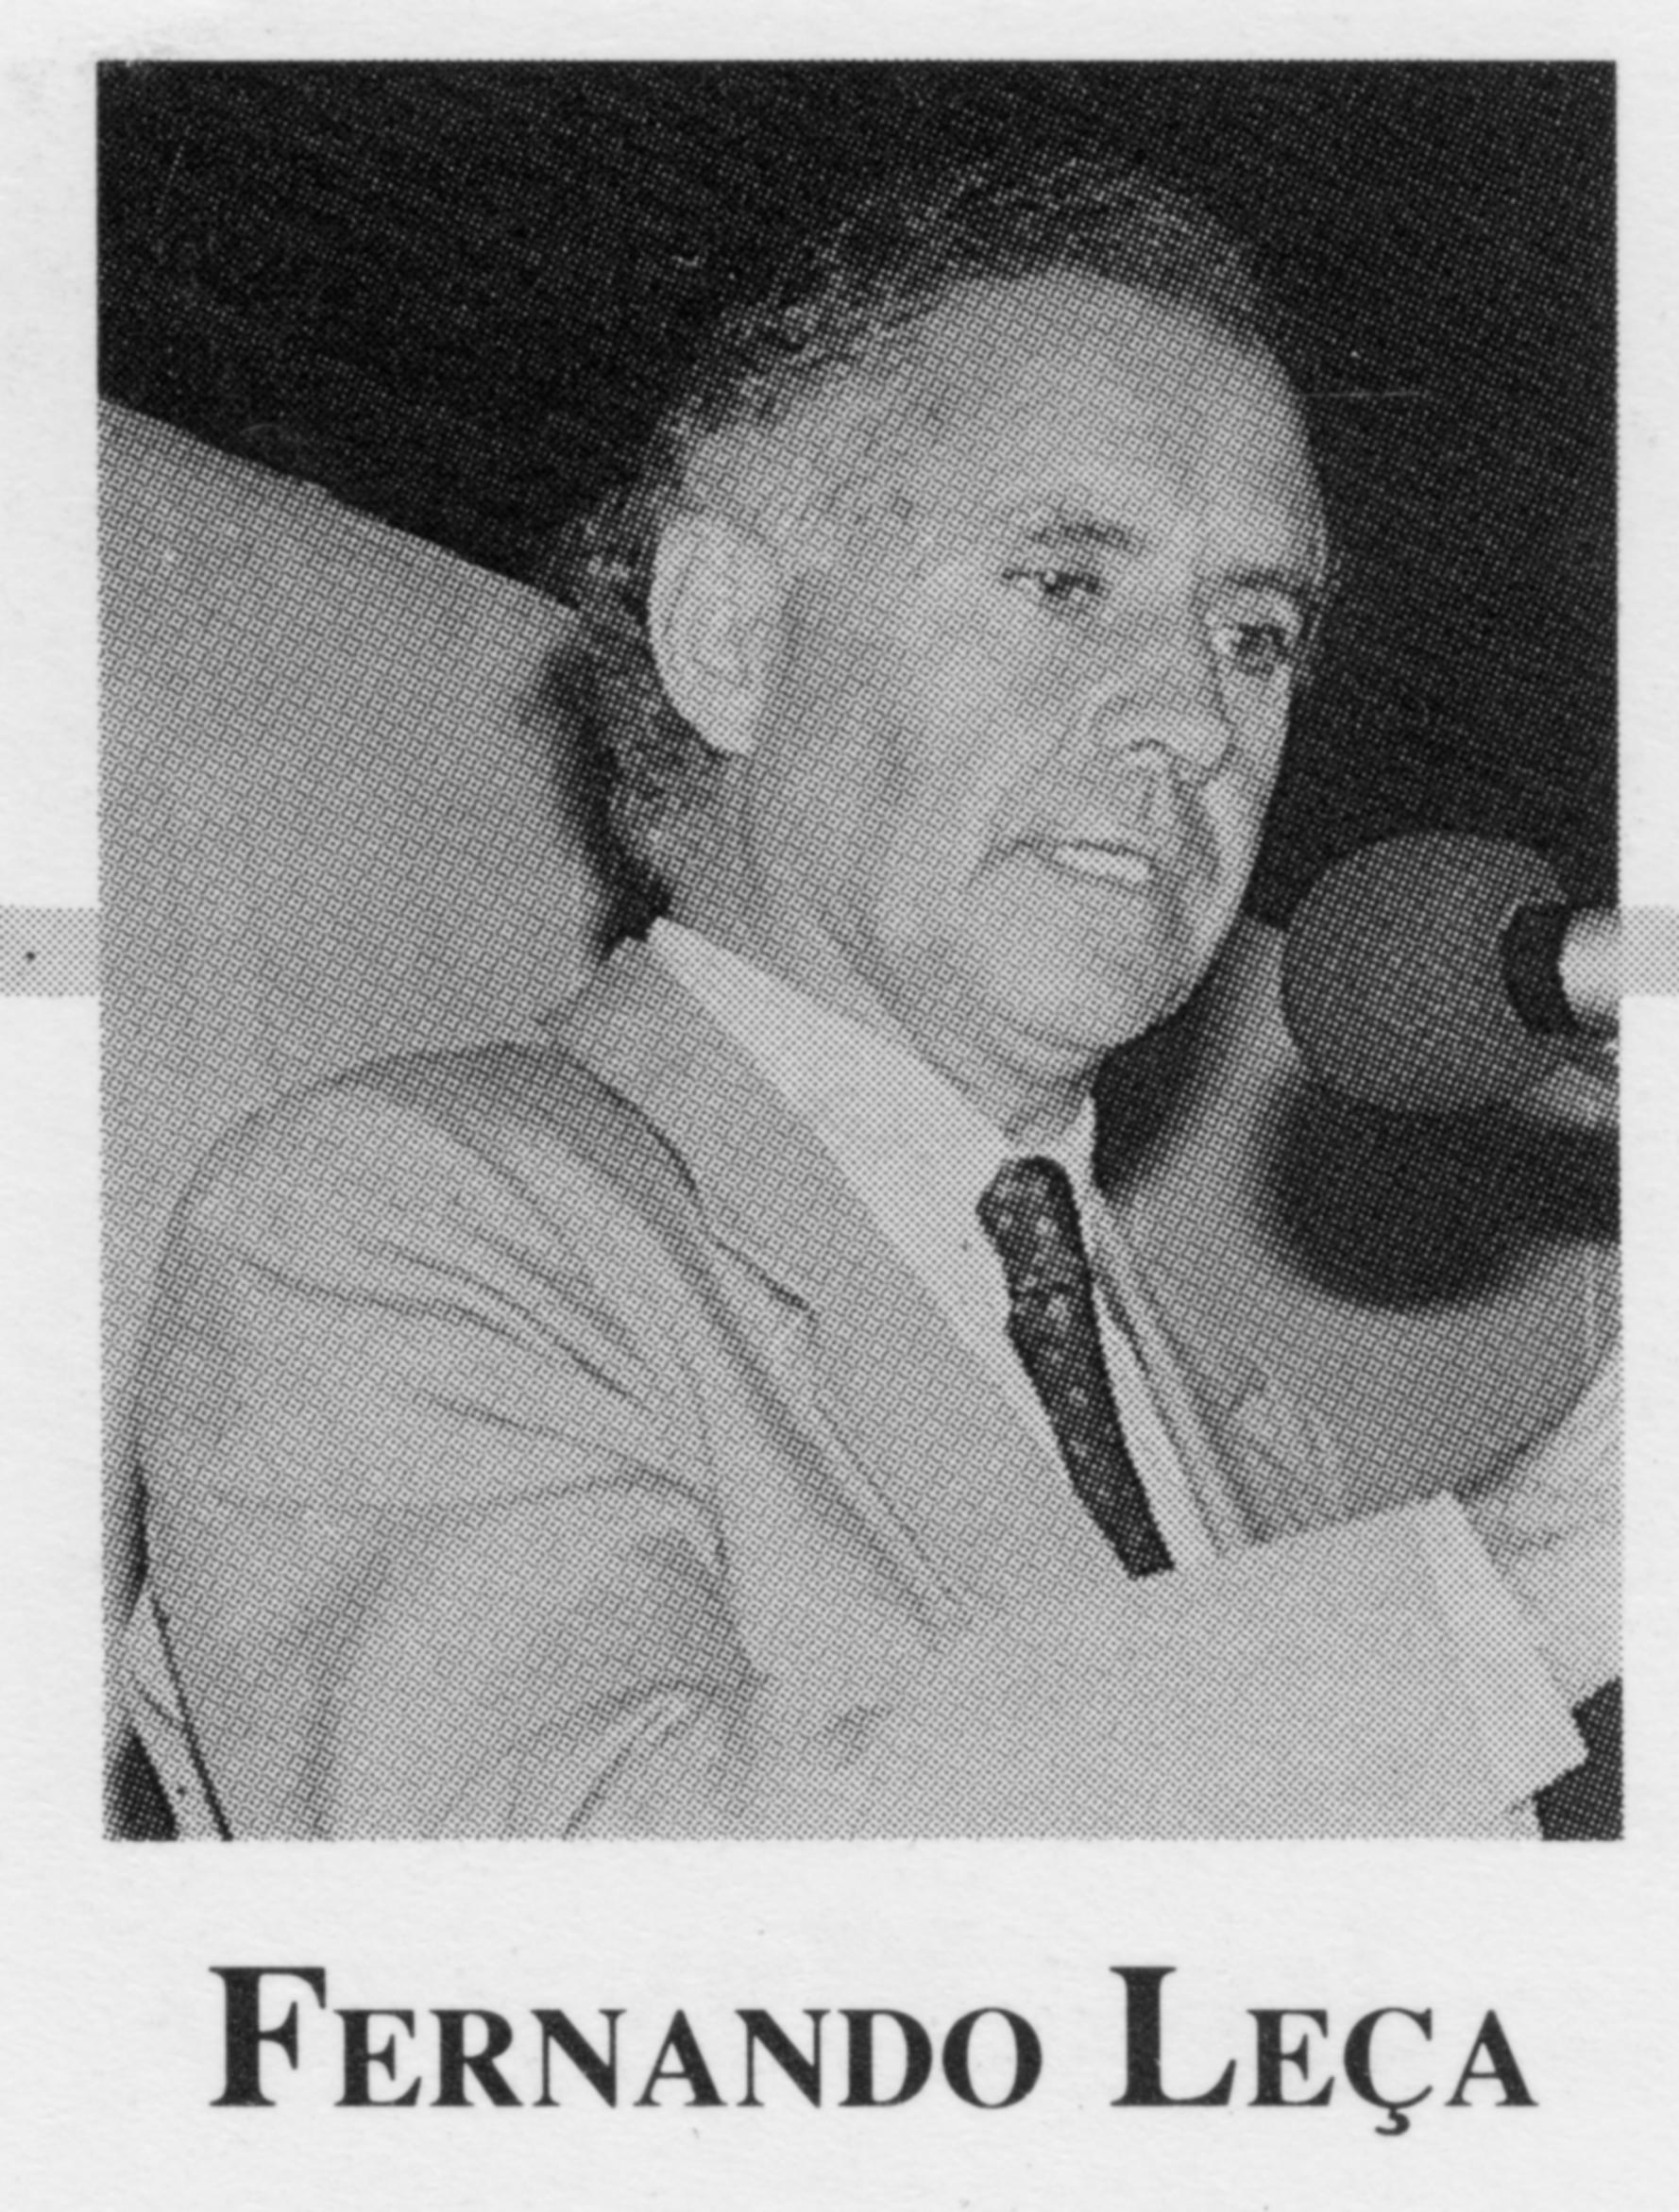 Fernando Leça